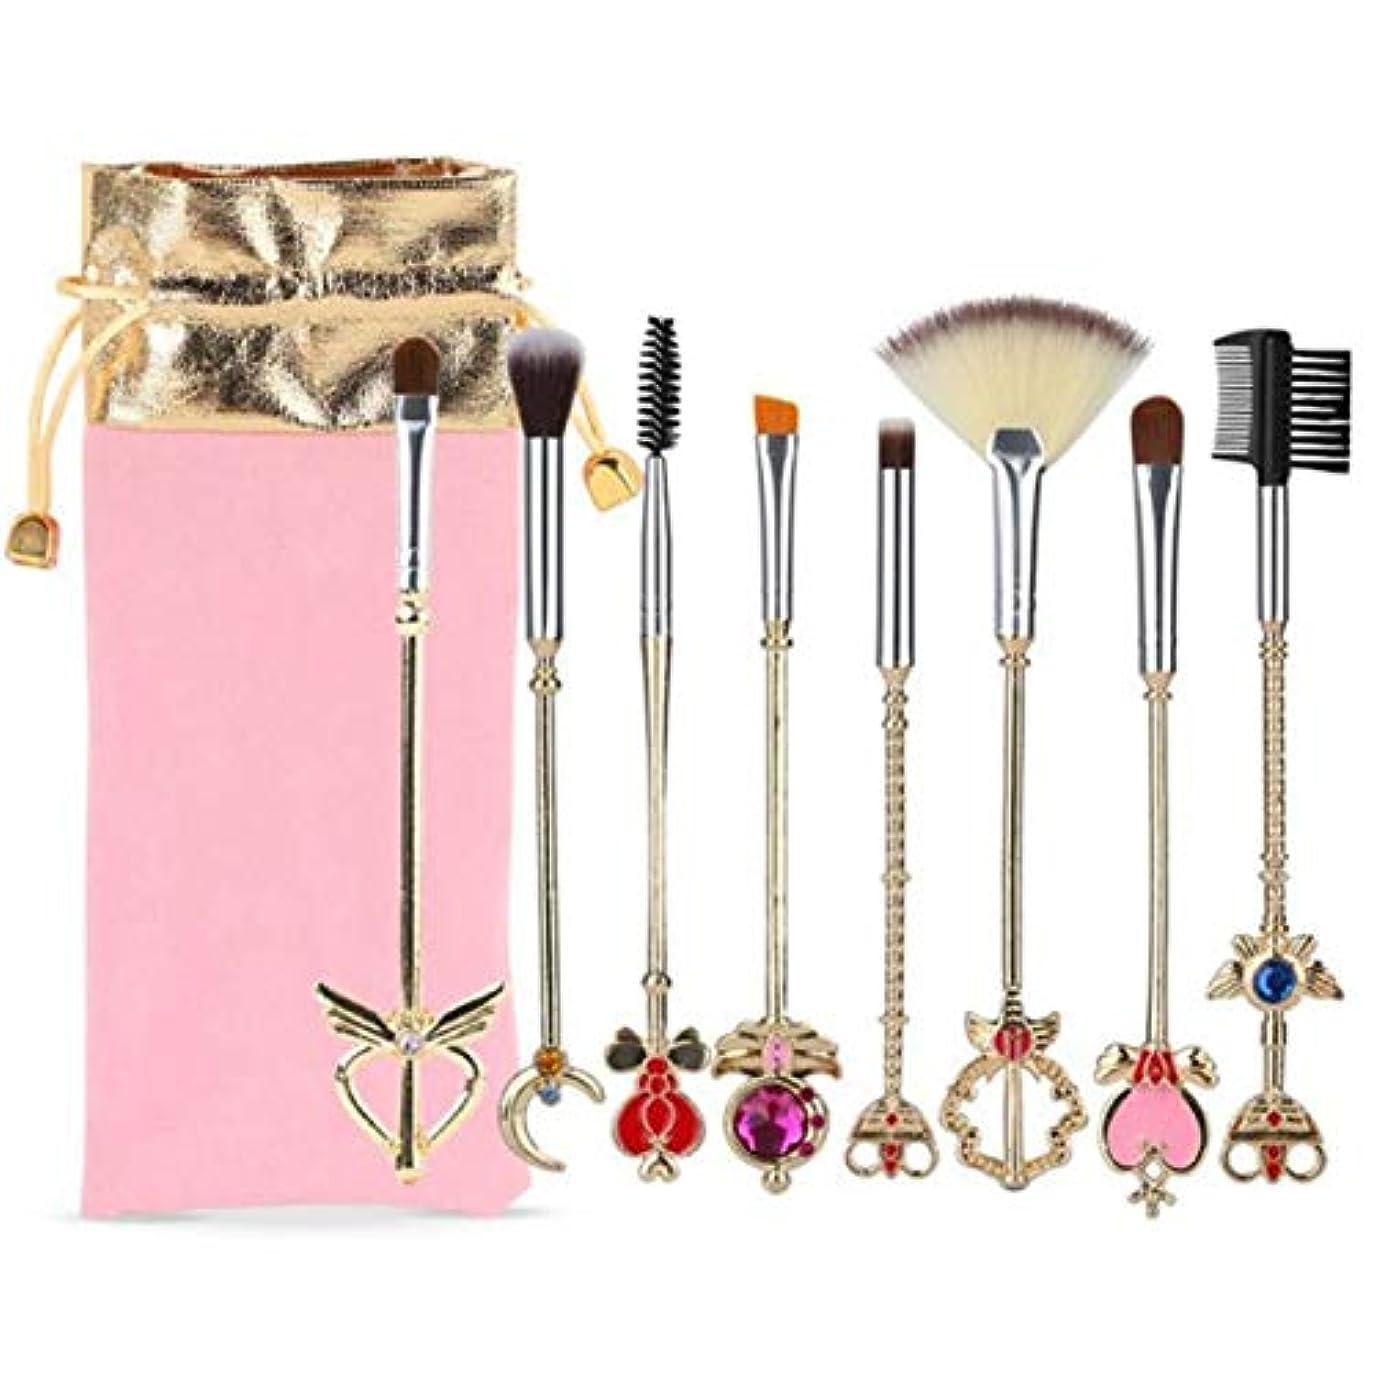 郵便番号等王室サリーの店 効果的な8 PCセーラームーン化粧ブラシは、ポーチ、魔法の女の子ゴールドcardcaptor桜の化粧品ブラシとセットをドローストリングバッグ